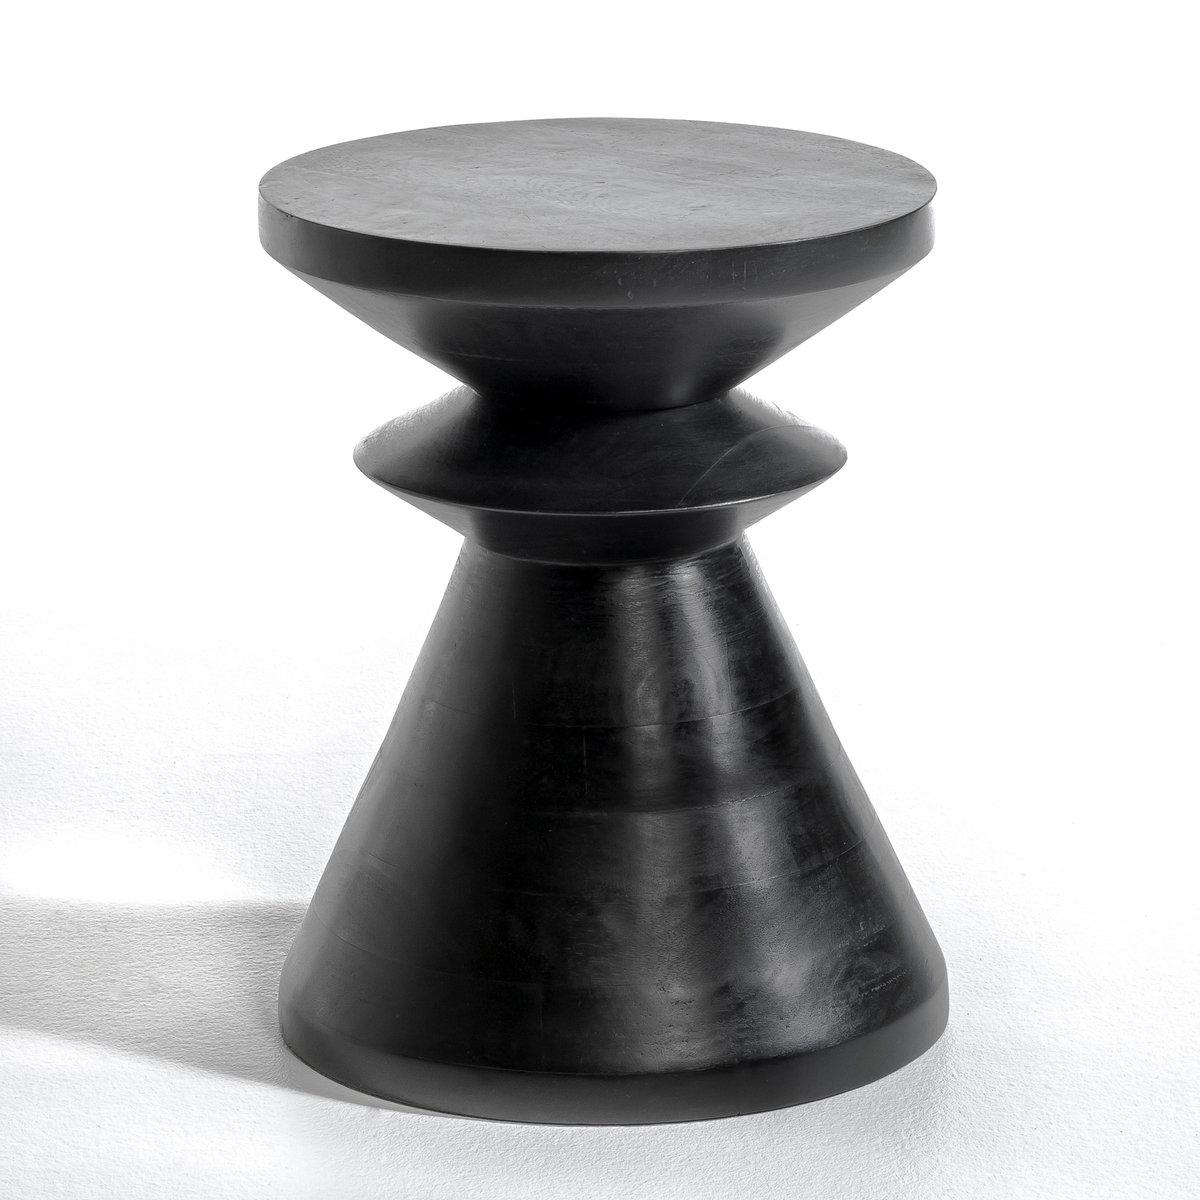 Столик, AlbanСтолик Alban. Графический дизайн... Можно использовать отдельно или в сочетании с другими моделями из нашей коллекции, которые продаются на нашем сайте .Описание : -Из мангового дерева черного цвета . Размеры : - ?35 x 45 см<br><br>Цвет: черный<br>Размер: единый размер